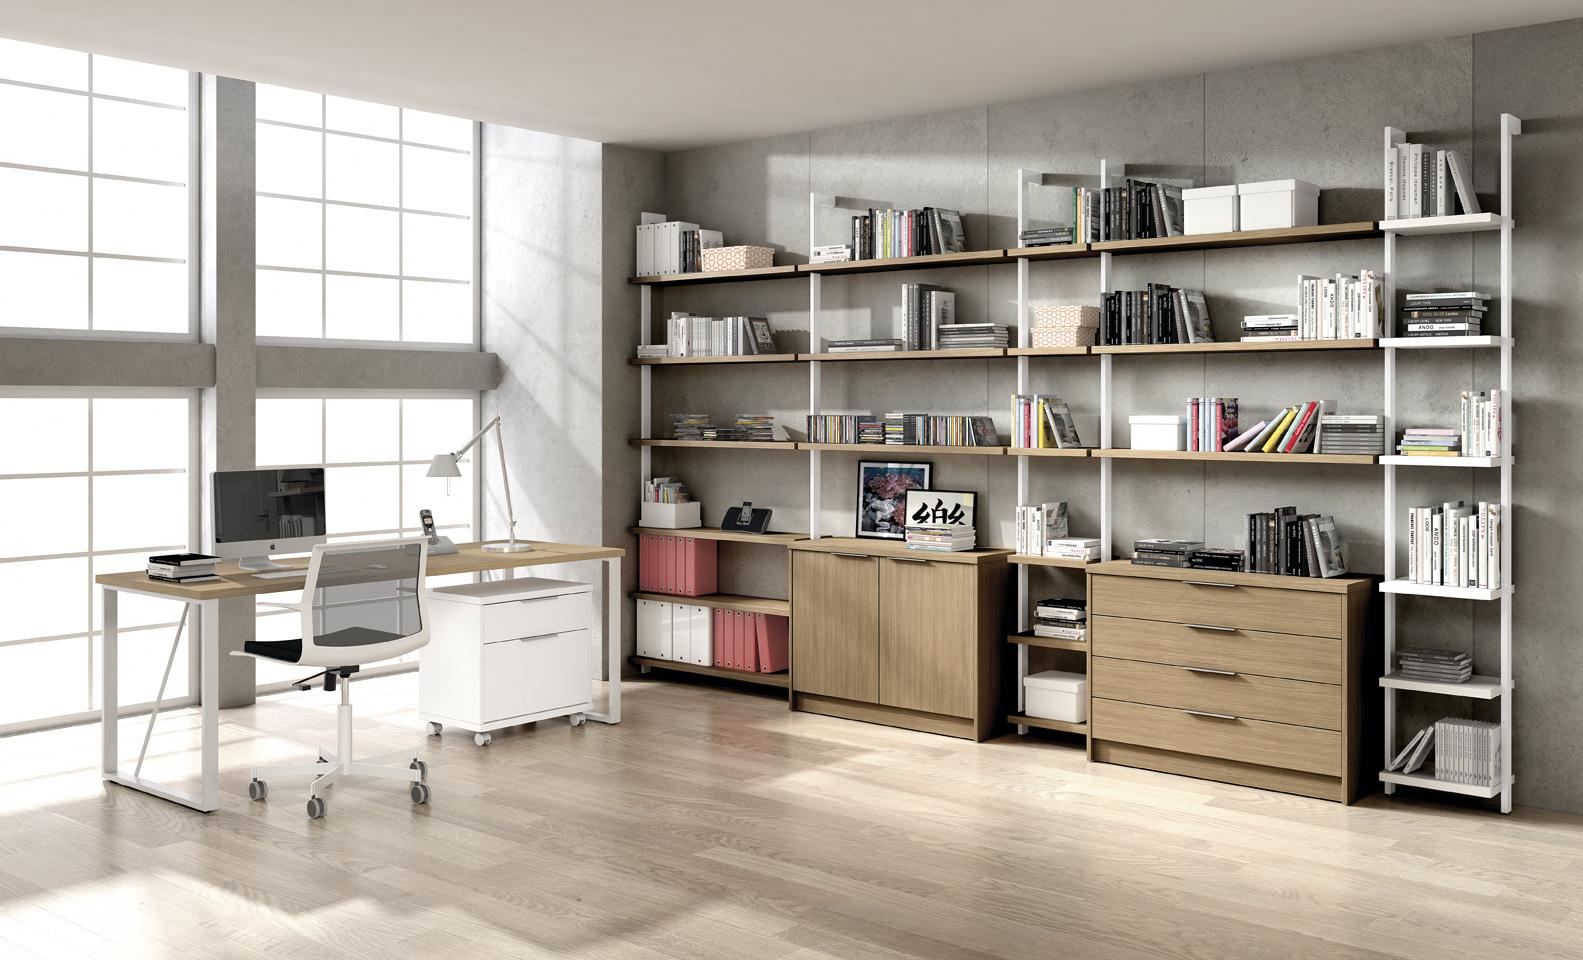 Llar del modul despachos for Amueblar despacho casa